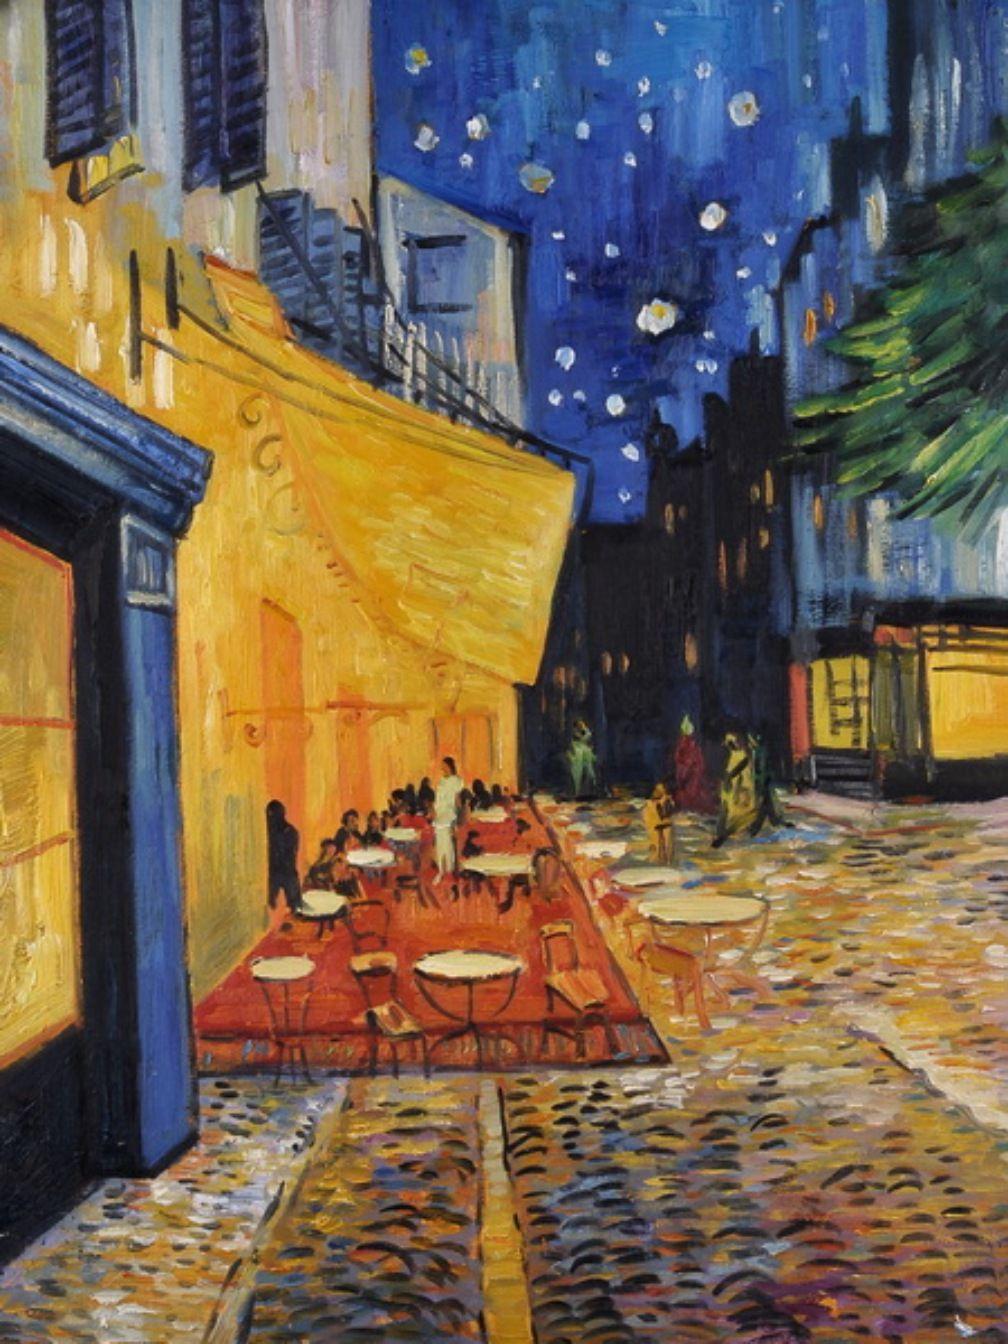 Ministry of Shop vi propone quadri dipinti a mano olio su tela di ...